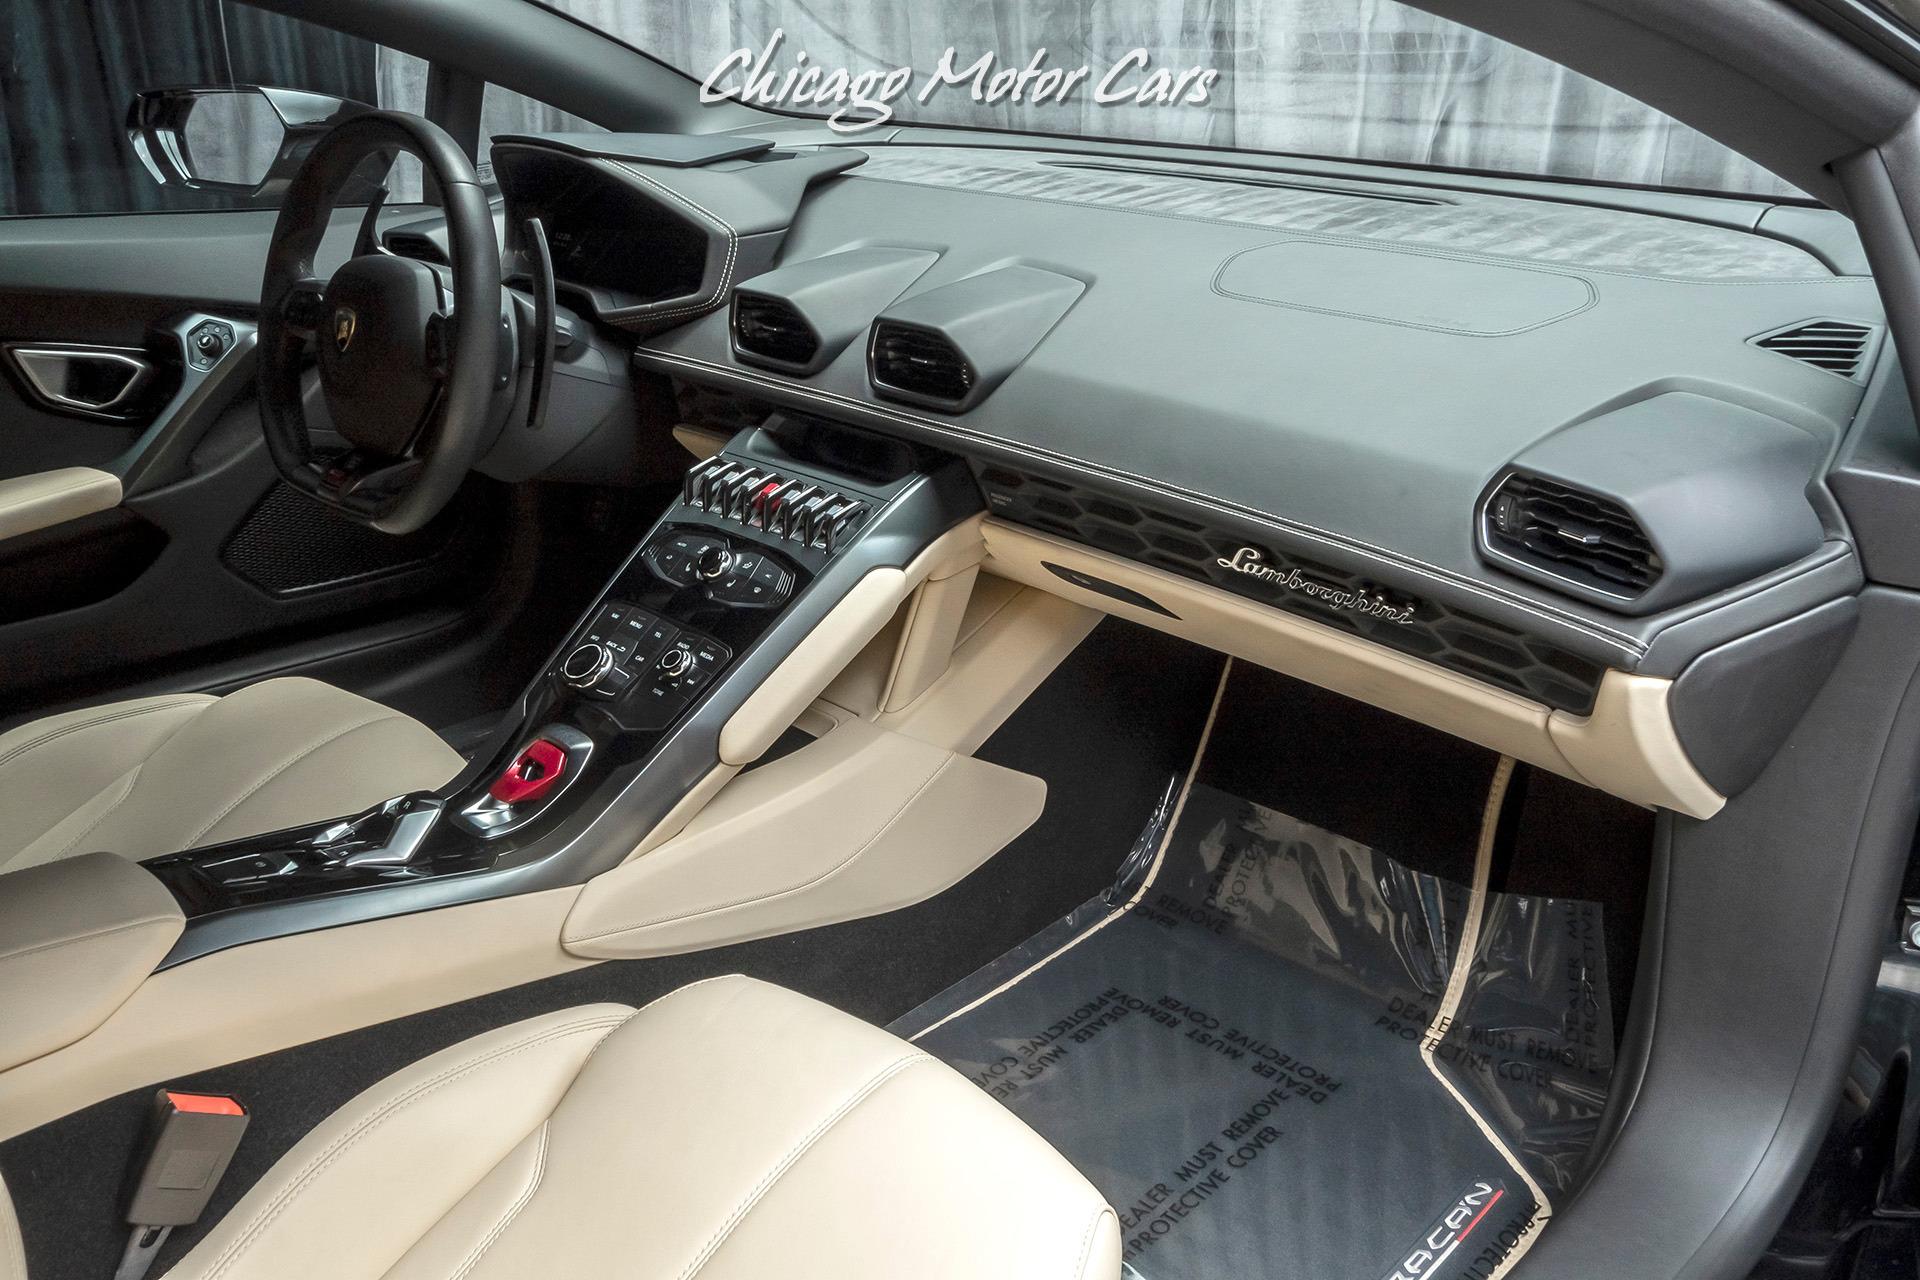 Used-2015-Lamborghini-Huracan-LP610-4-Original-MSRP-275K-LOADED